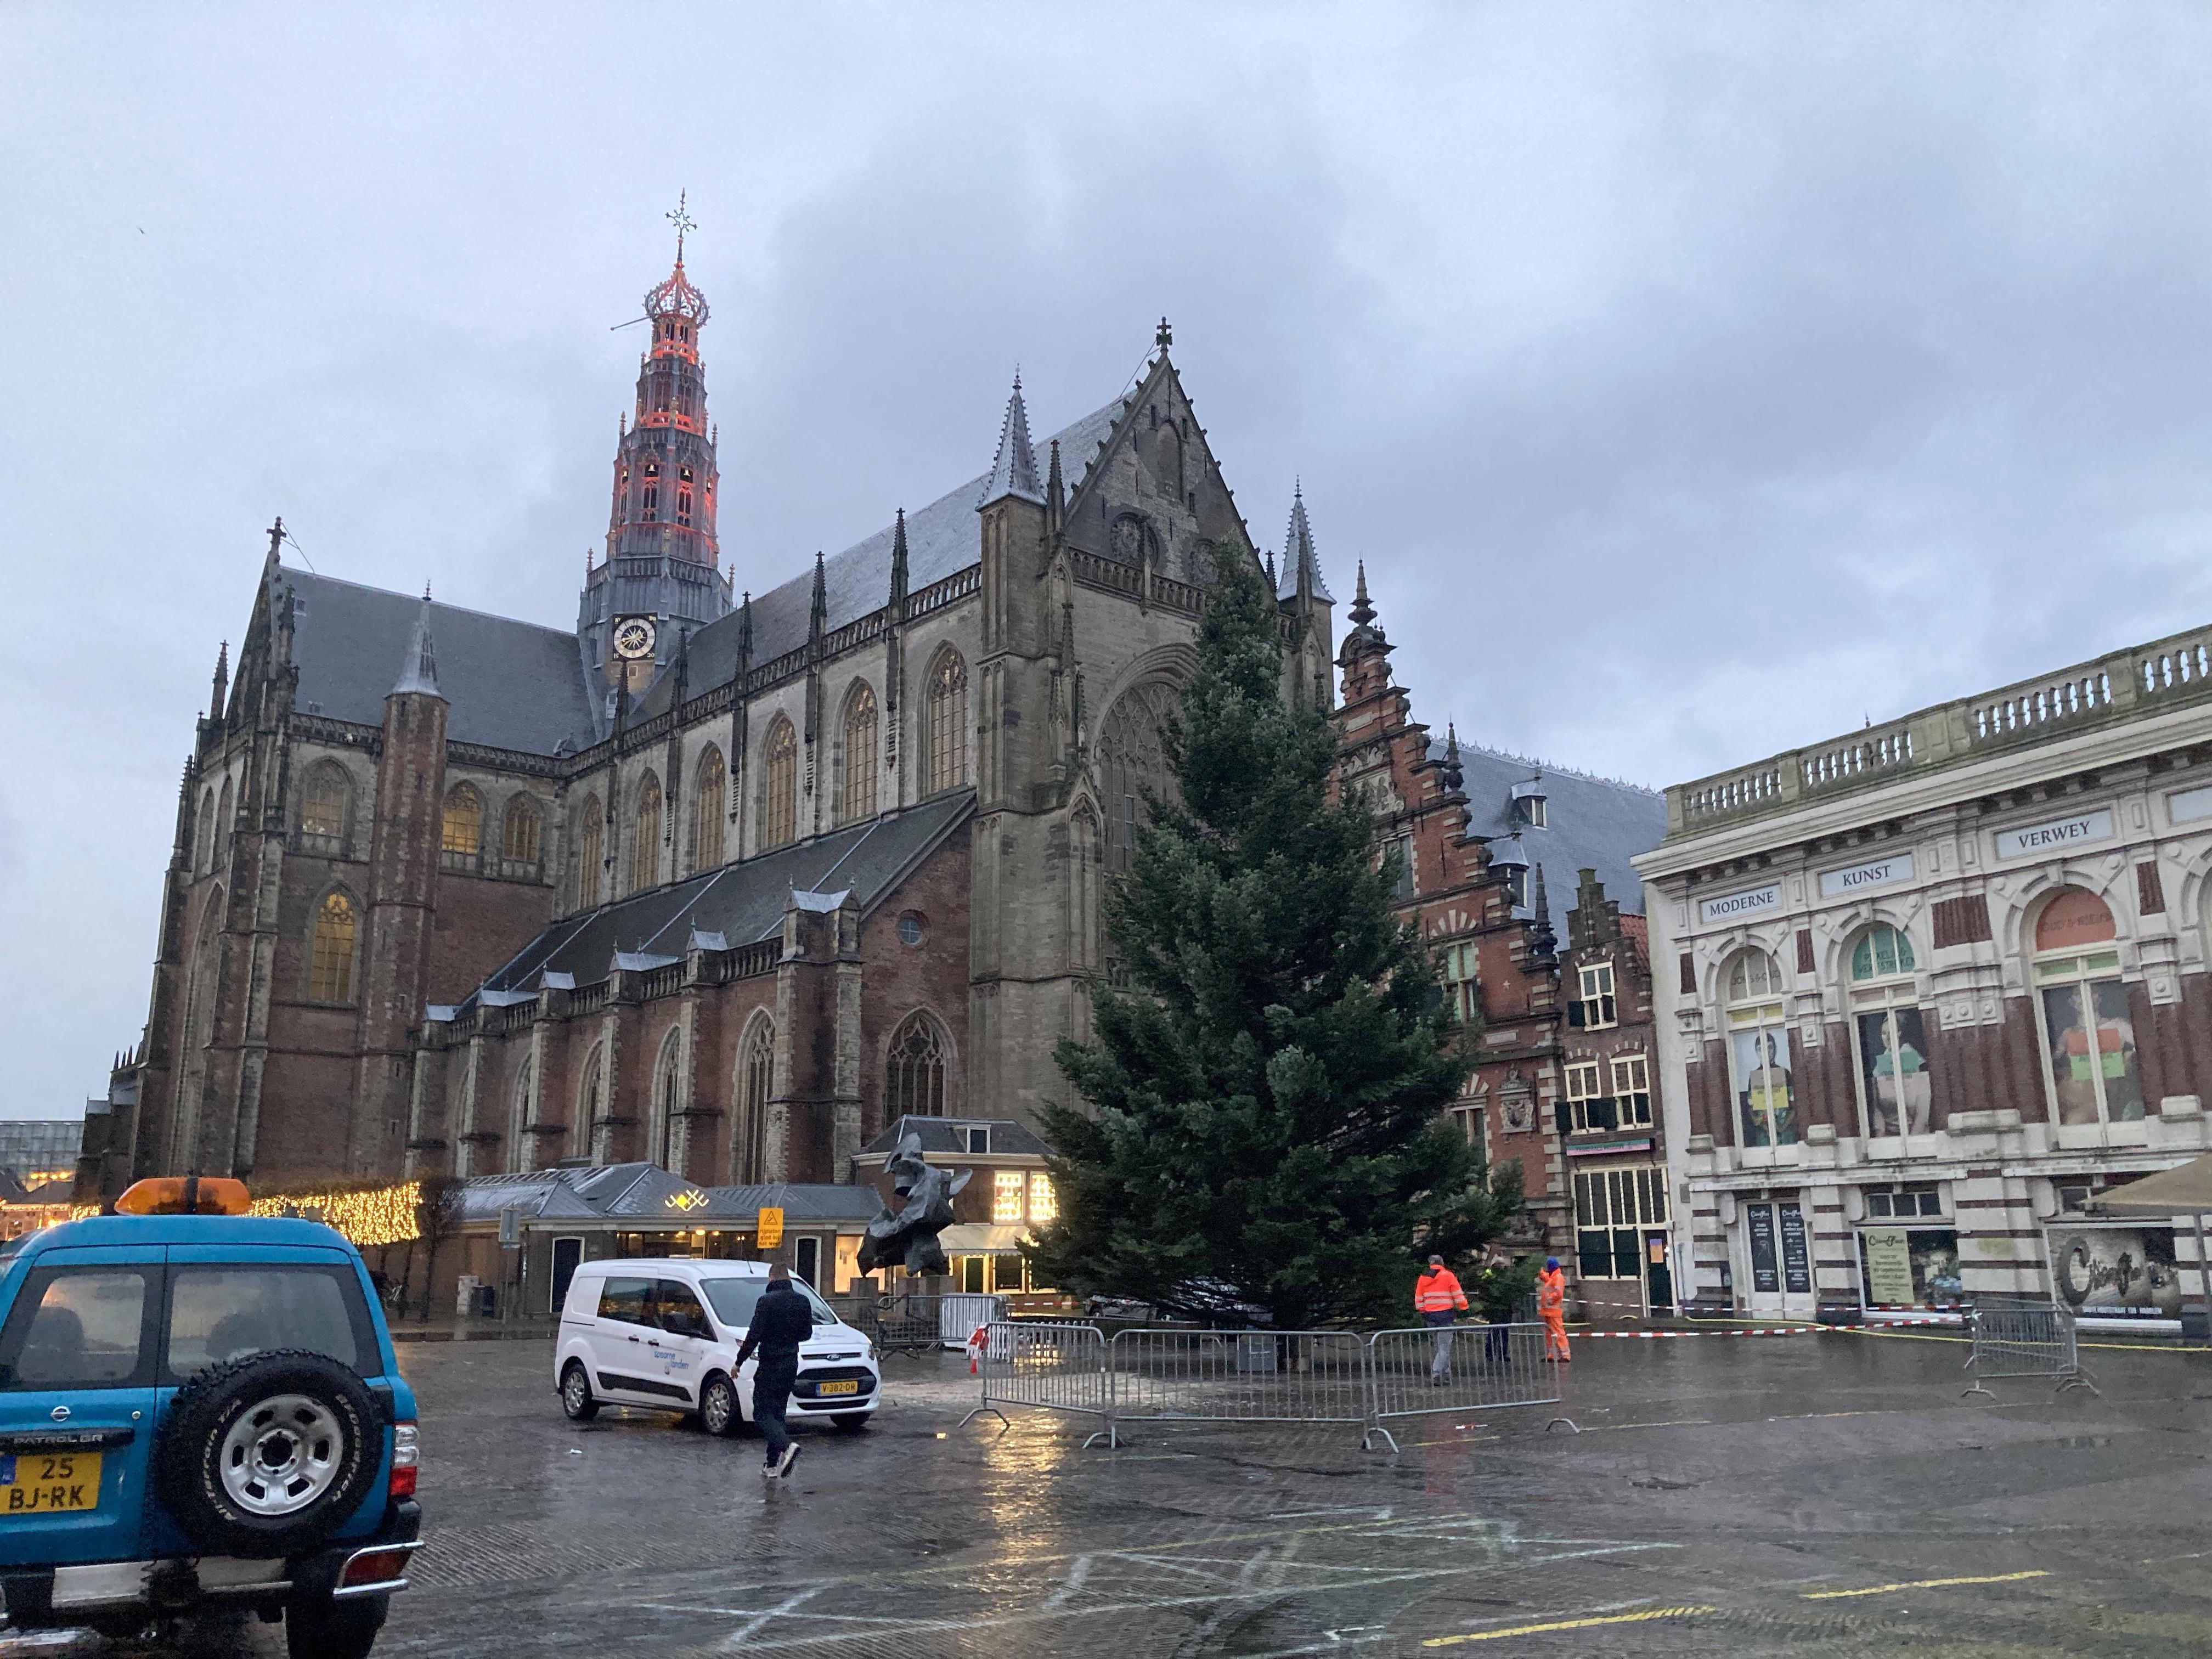 'En hij stáát!' Grote Markt Haarlem weer verrijkt met kerstboom